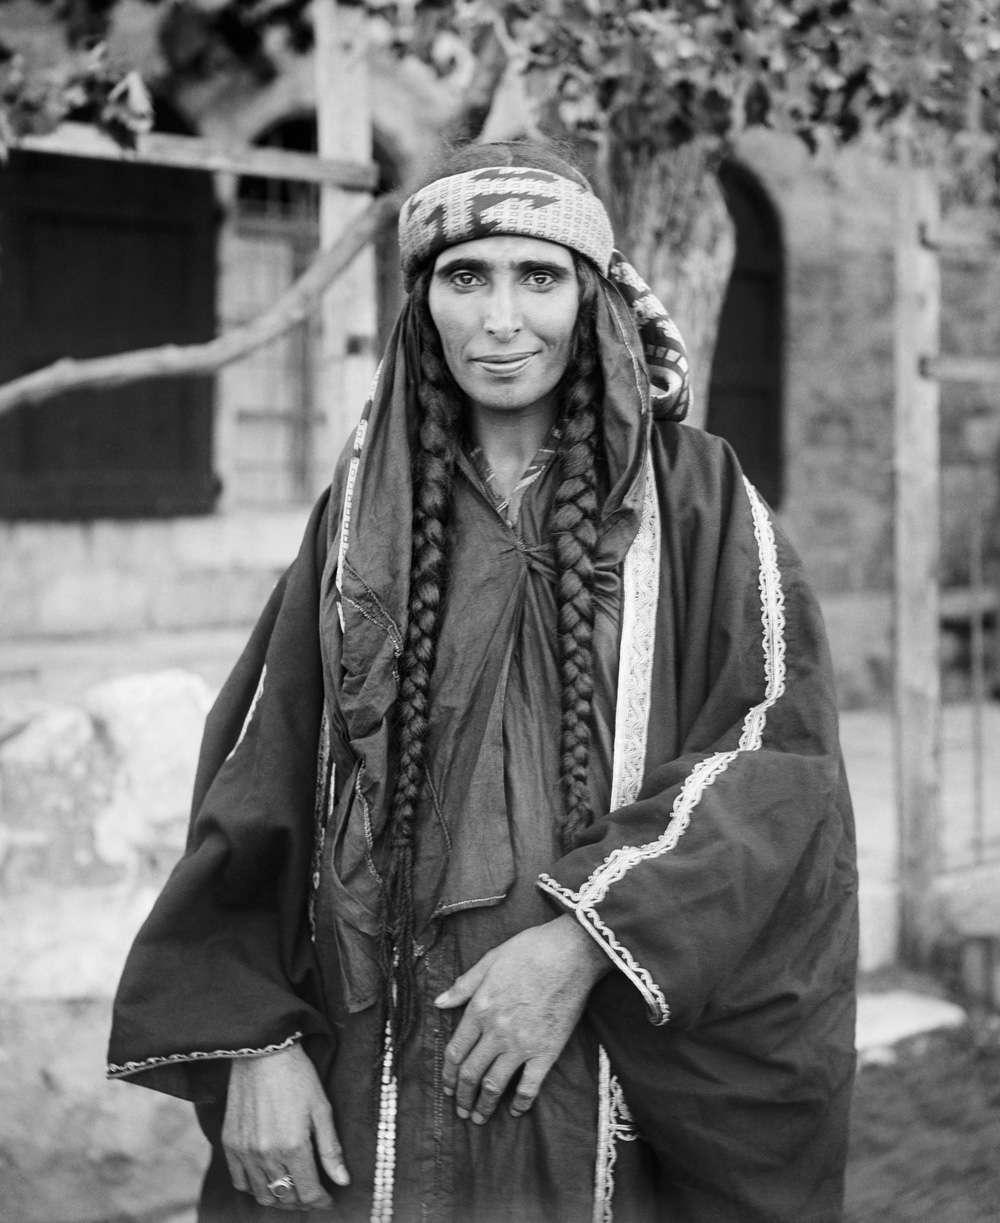 عکس قدیمی از زن عرب